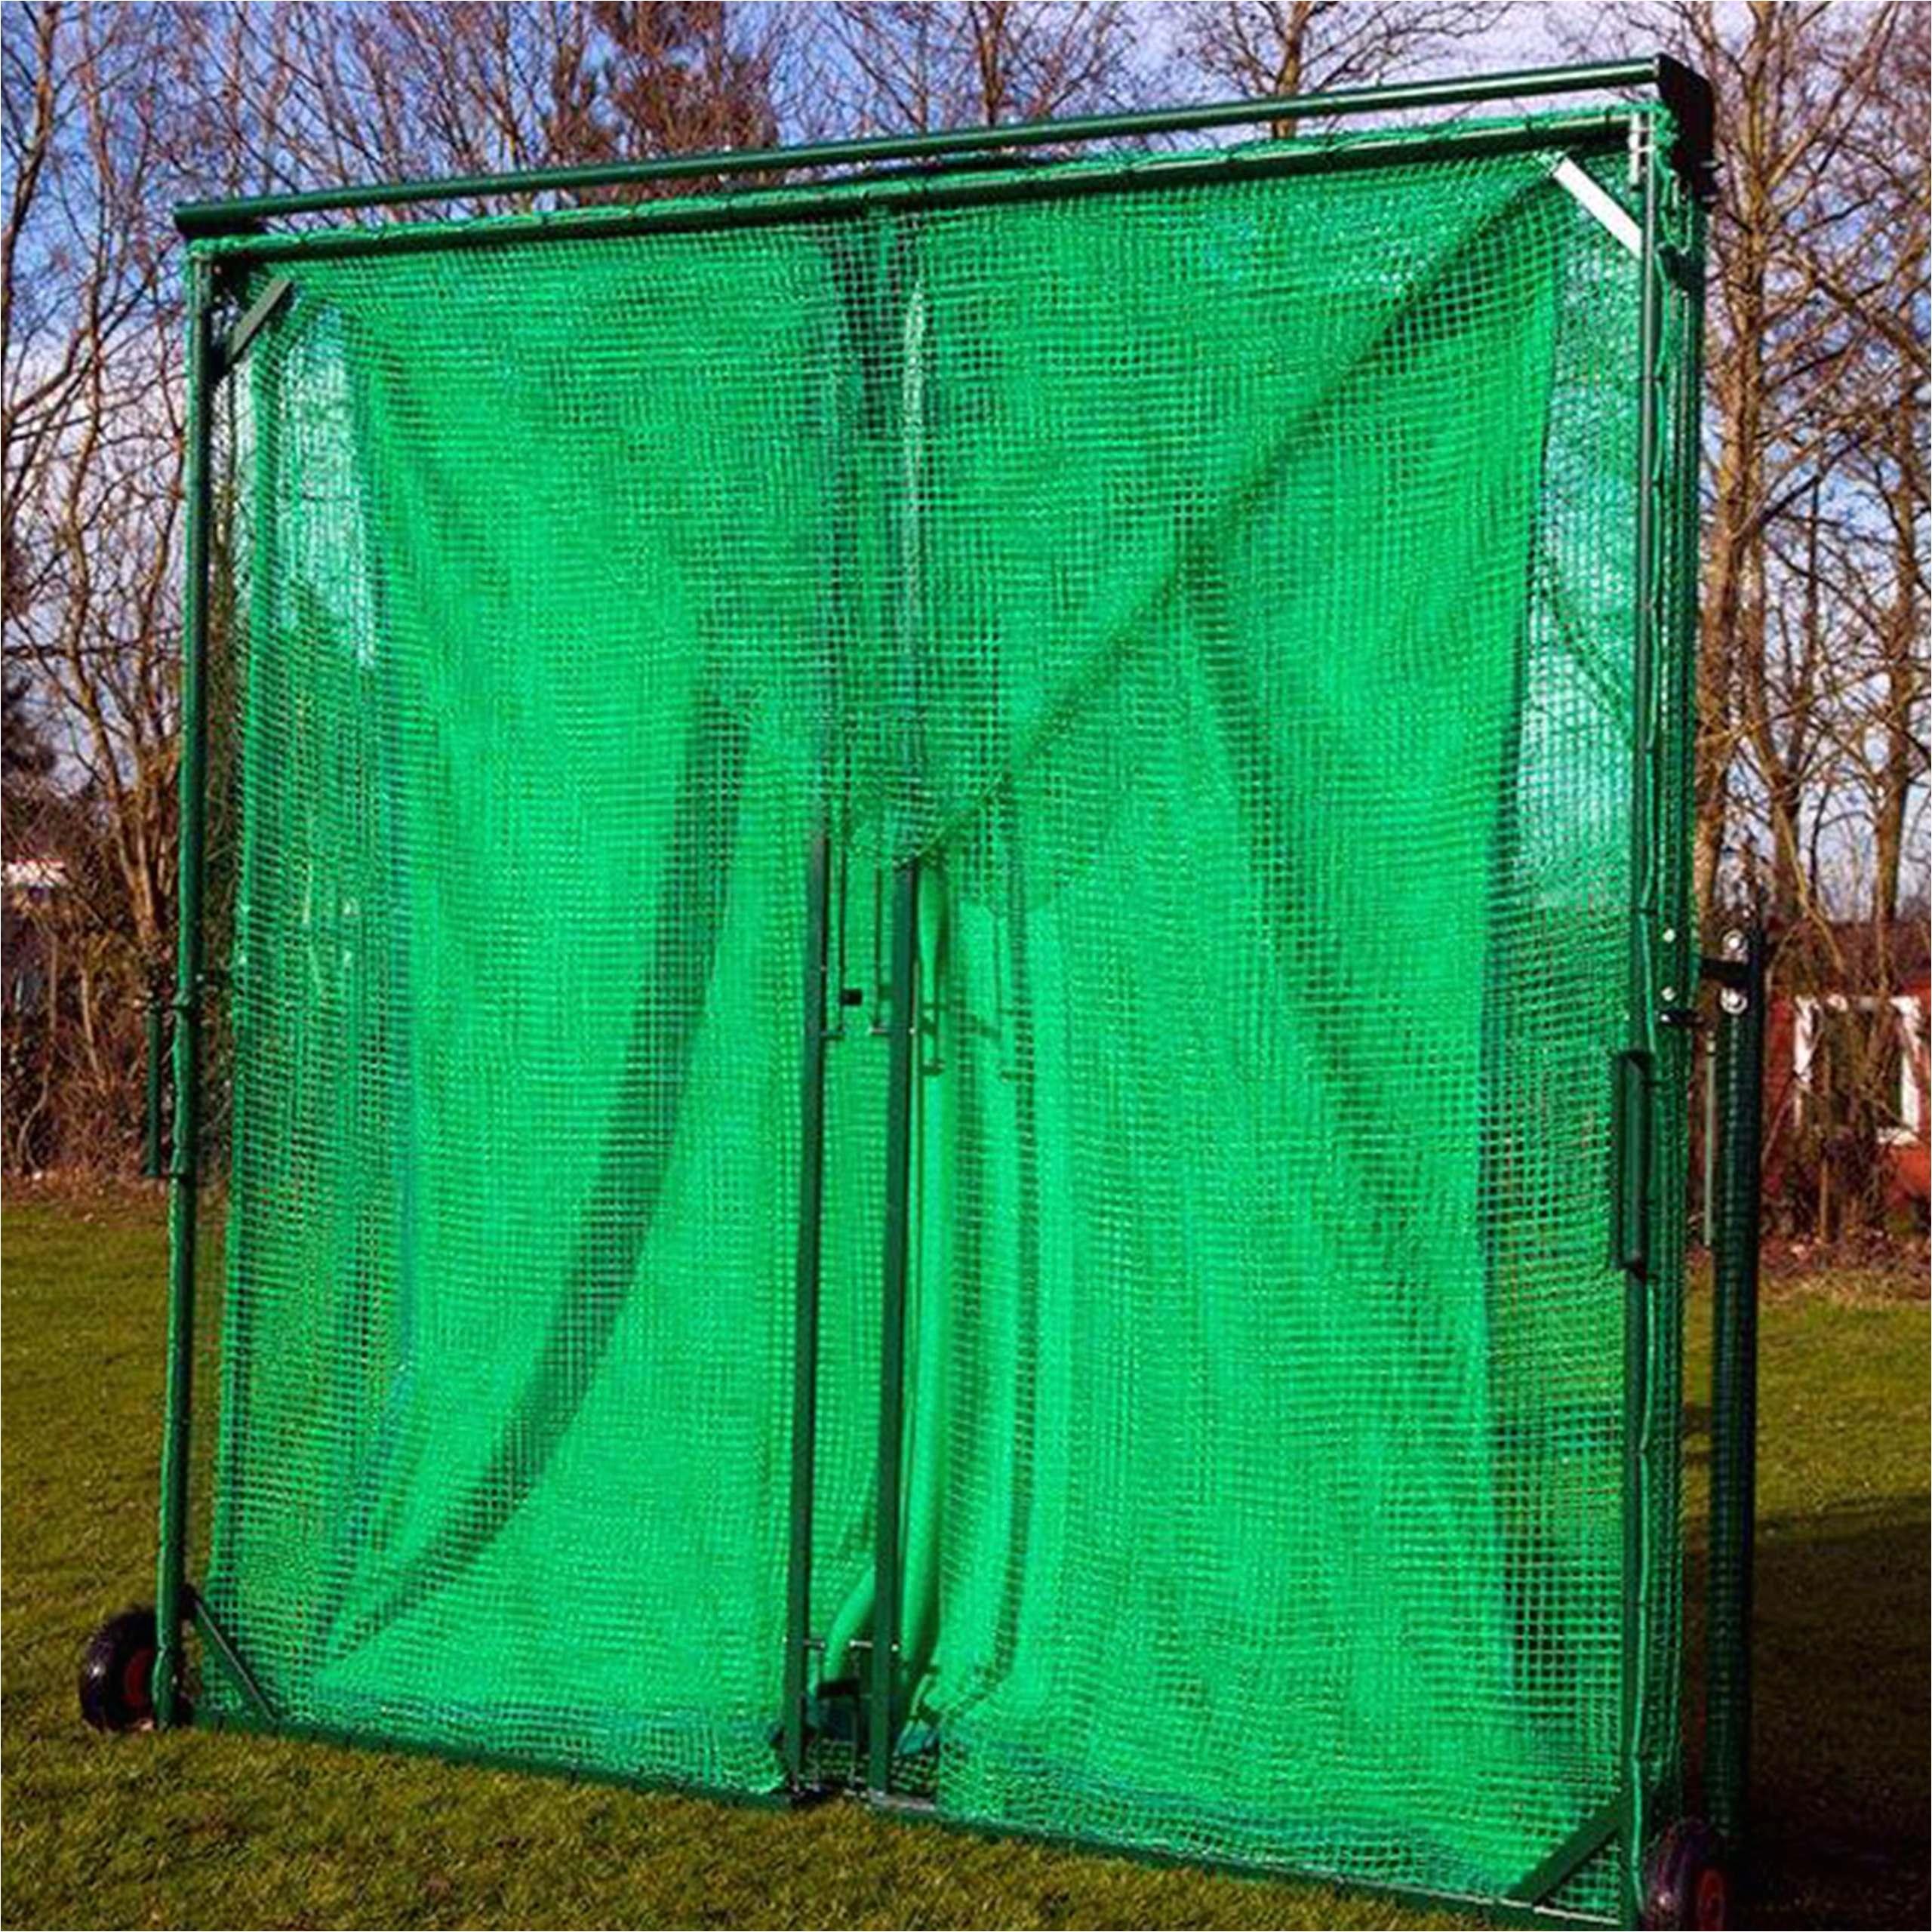 concertina fold away nets